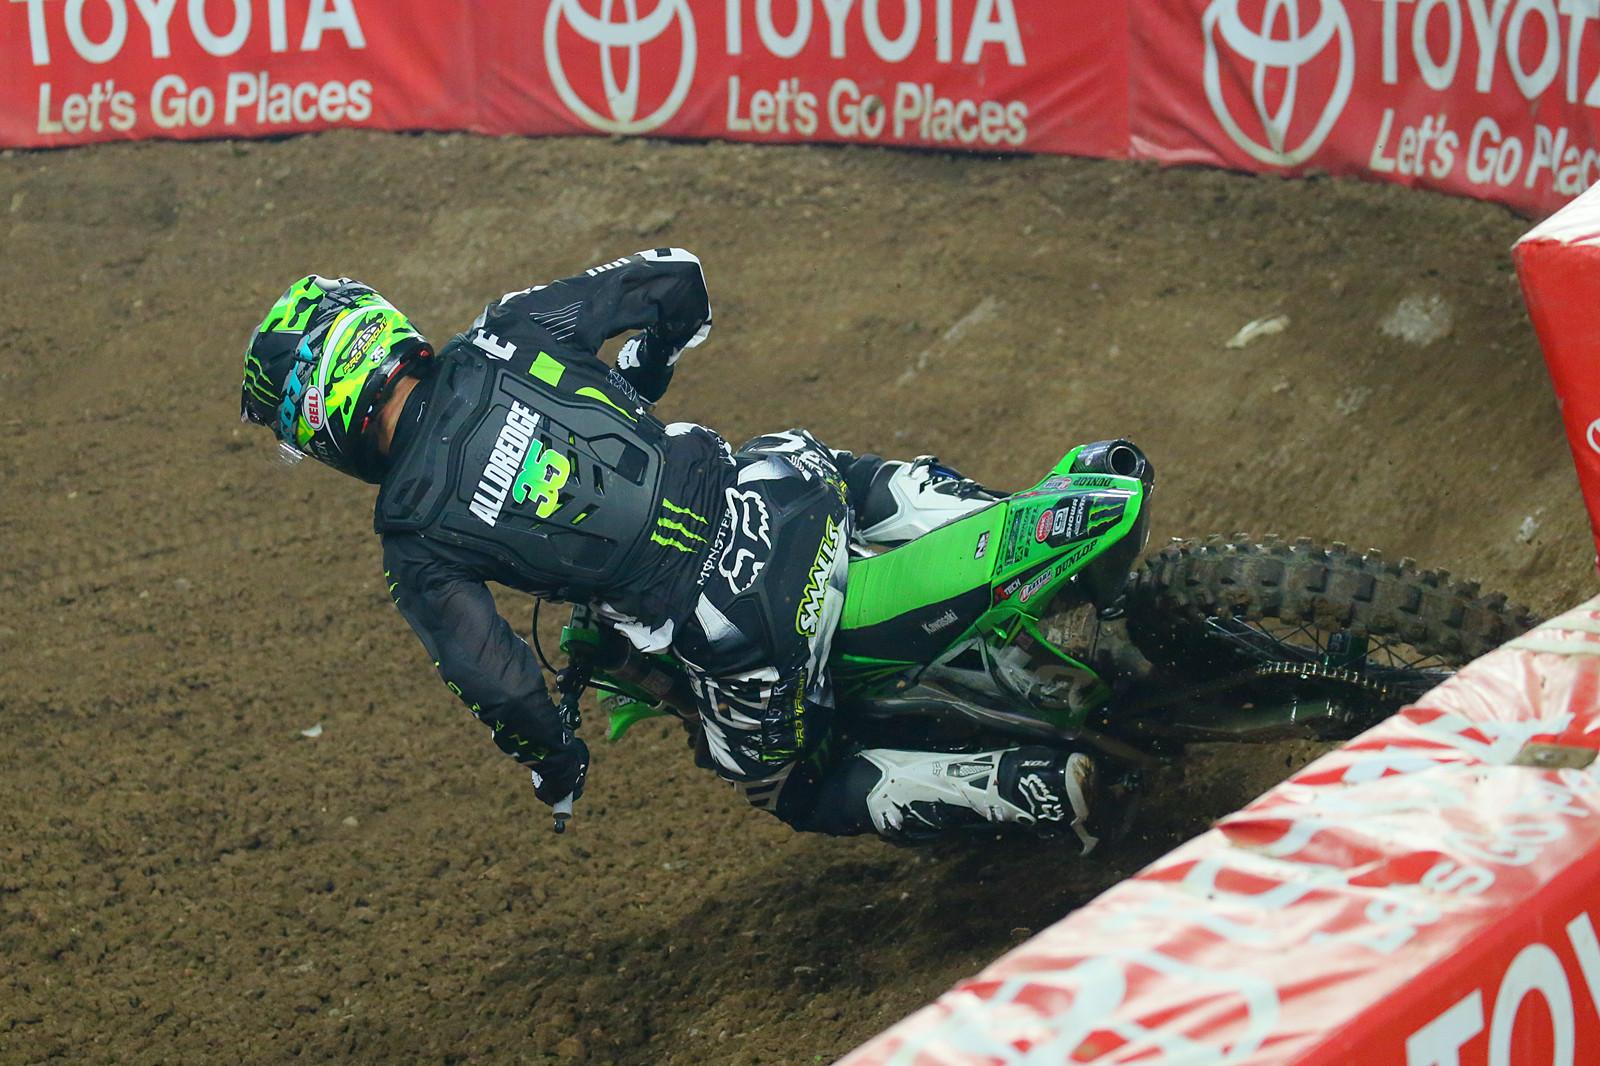 Chris Alldredge - Photo Blast: Glendale - Motocross Pictures - Vital MX